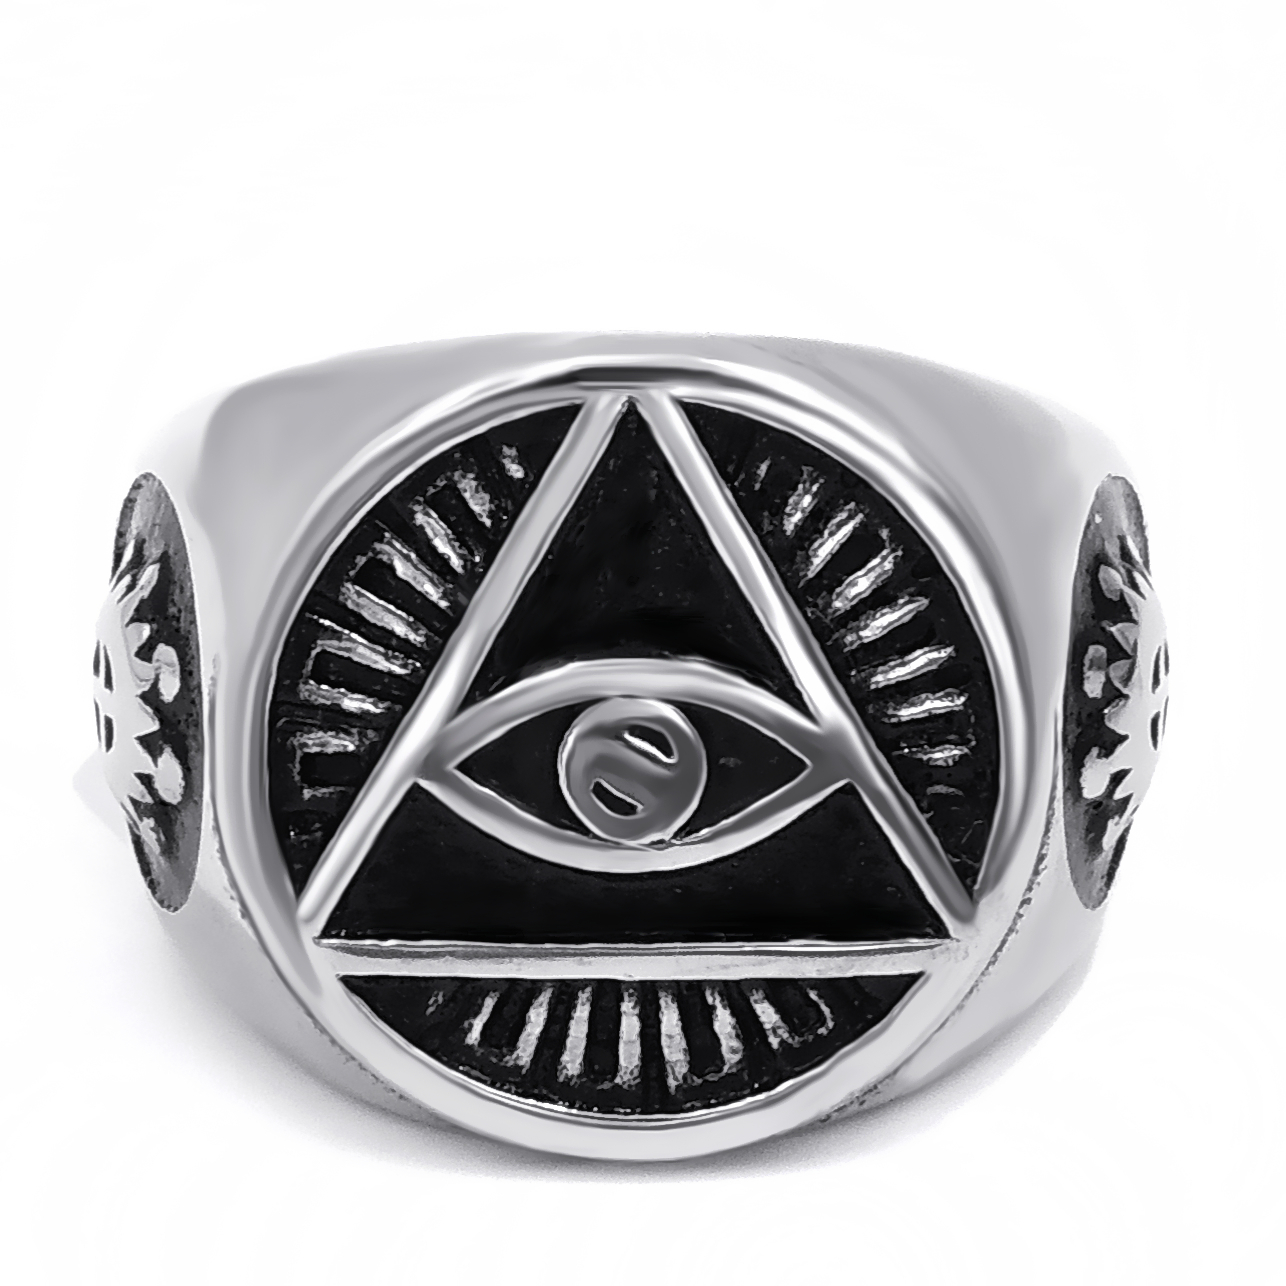 Stainless Steel Ring Illuminati The All Seeing Eye Illunati Pyramid